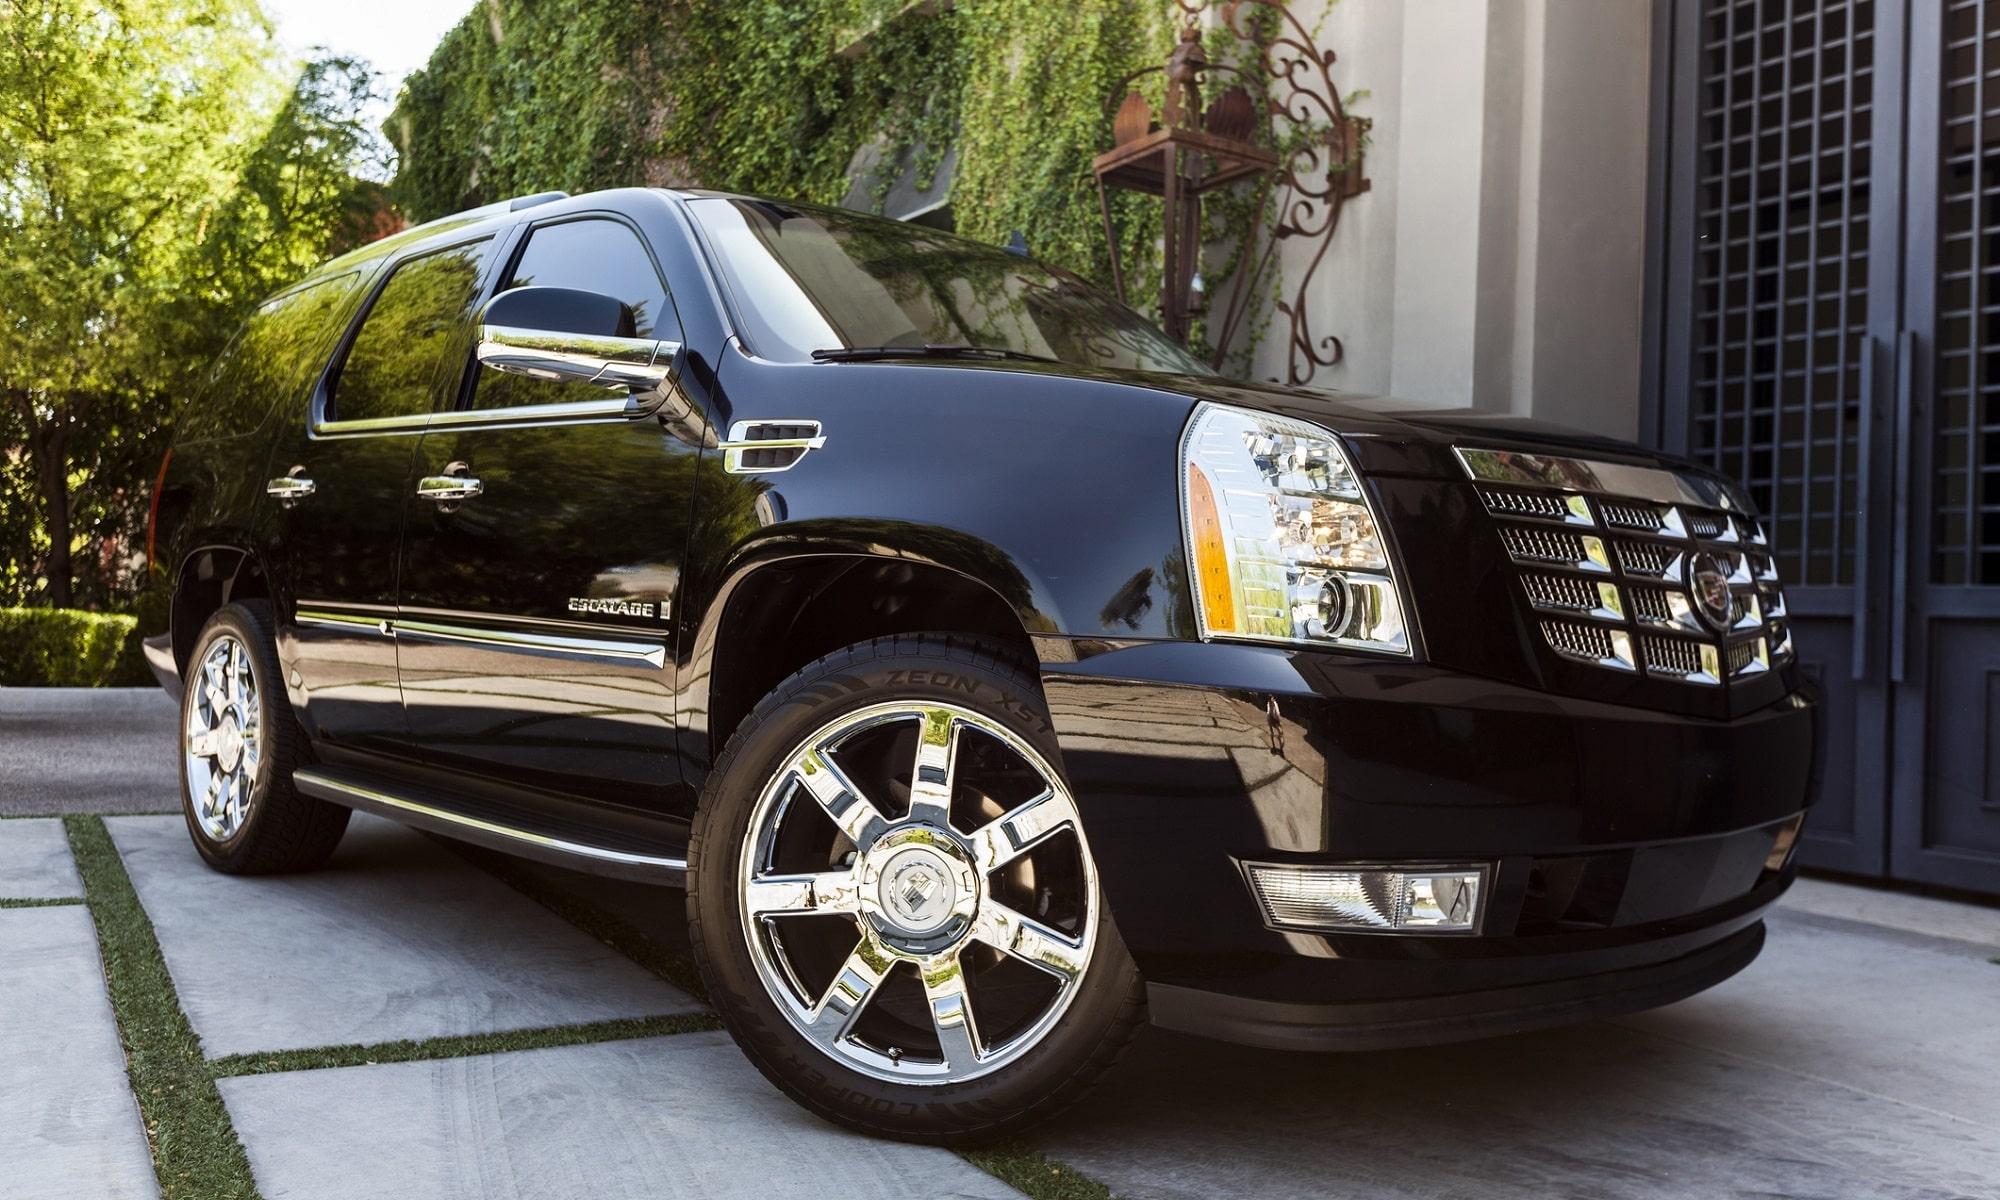 A photo of a black parked Cadillac Escalade